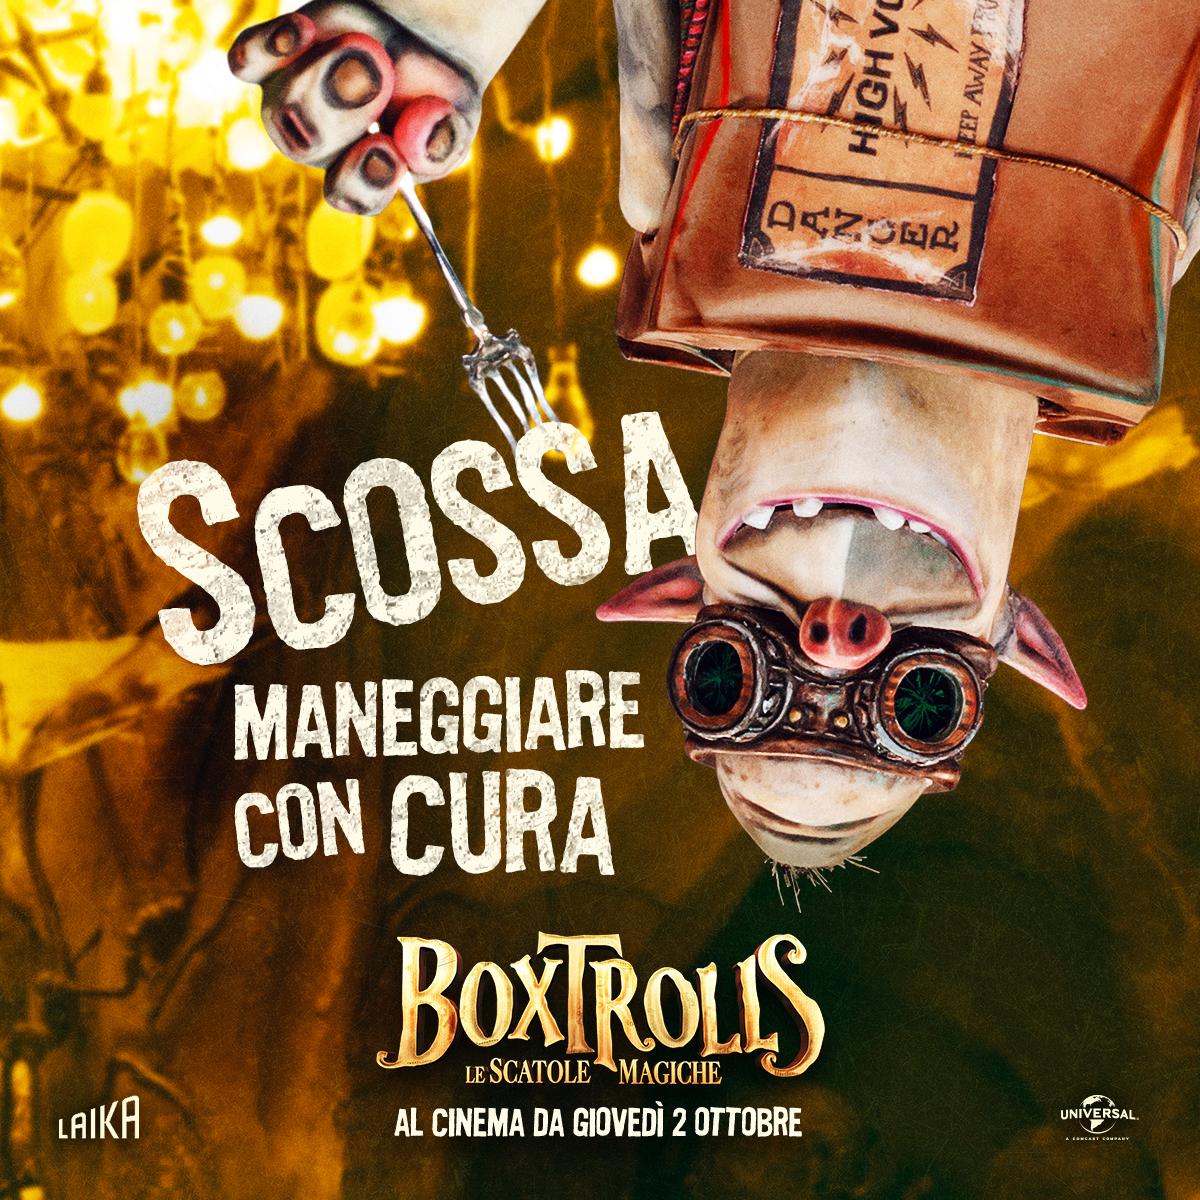 Boxtrolls - Le scatole magiche: il character banner italiano di Scossa